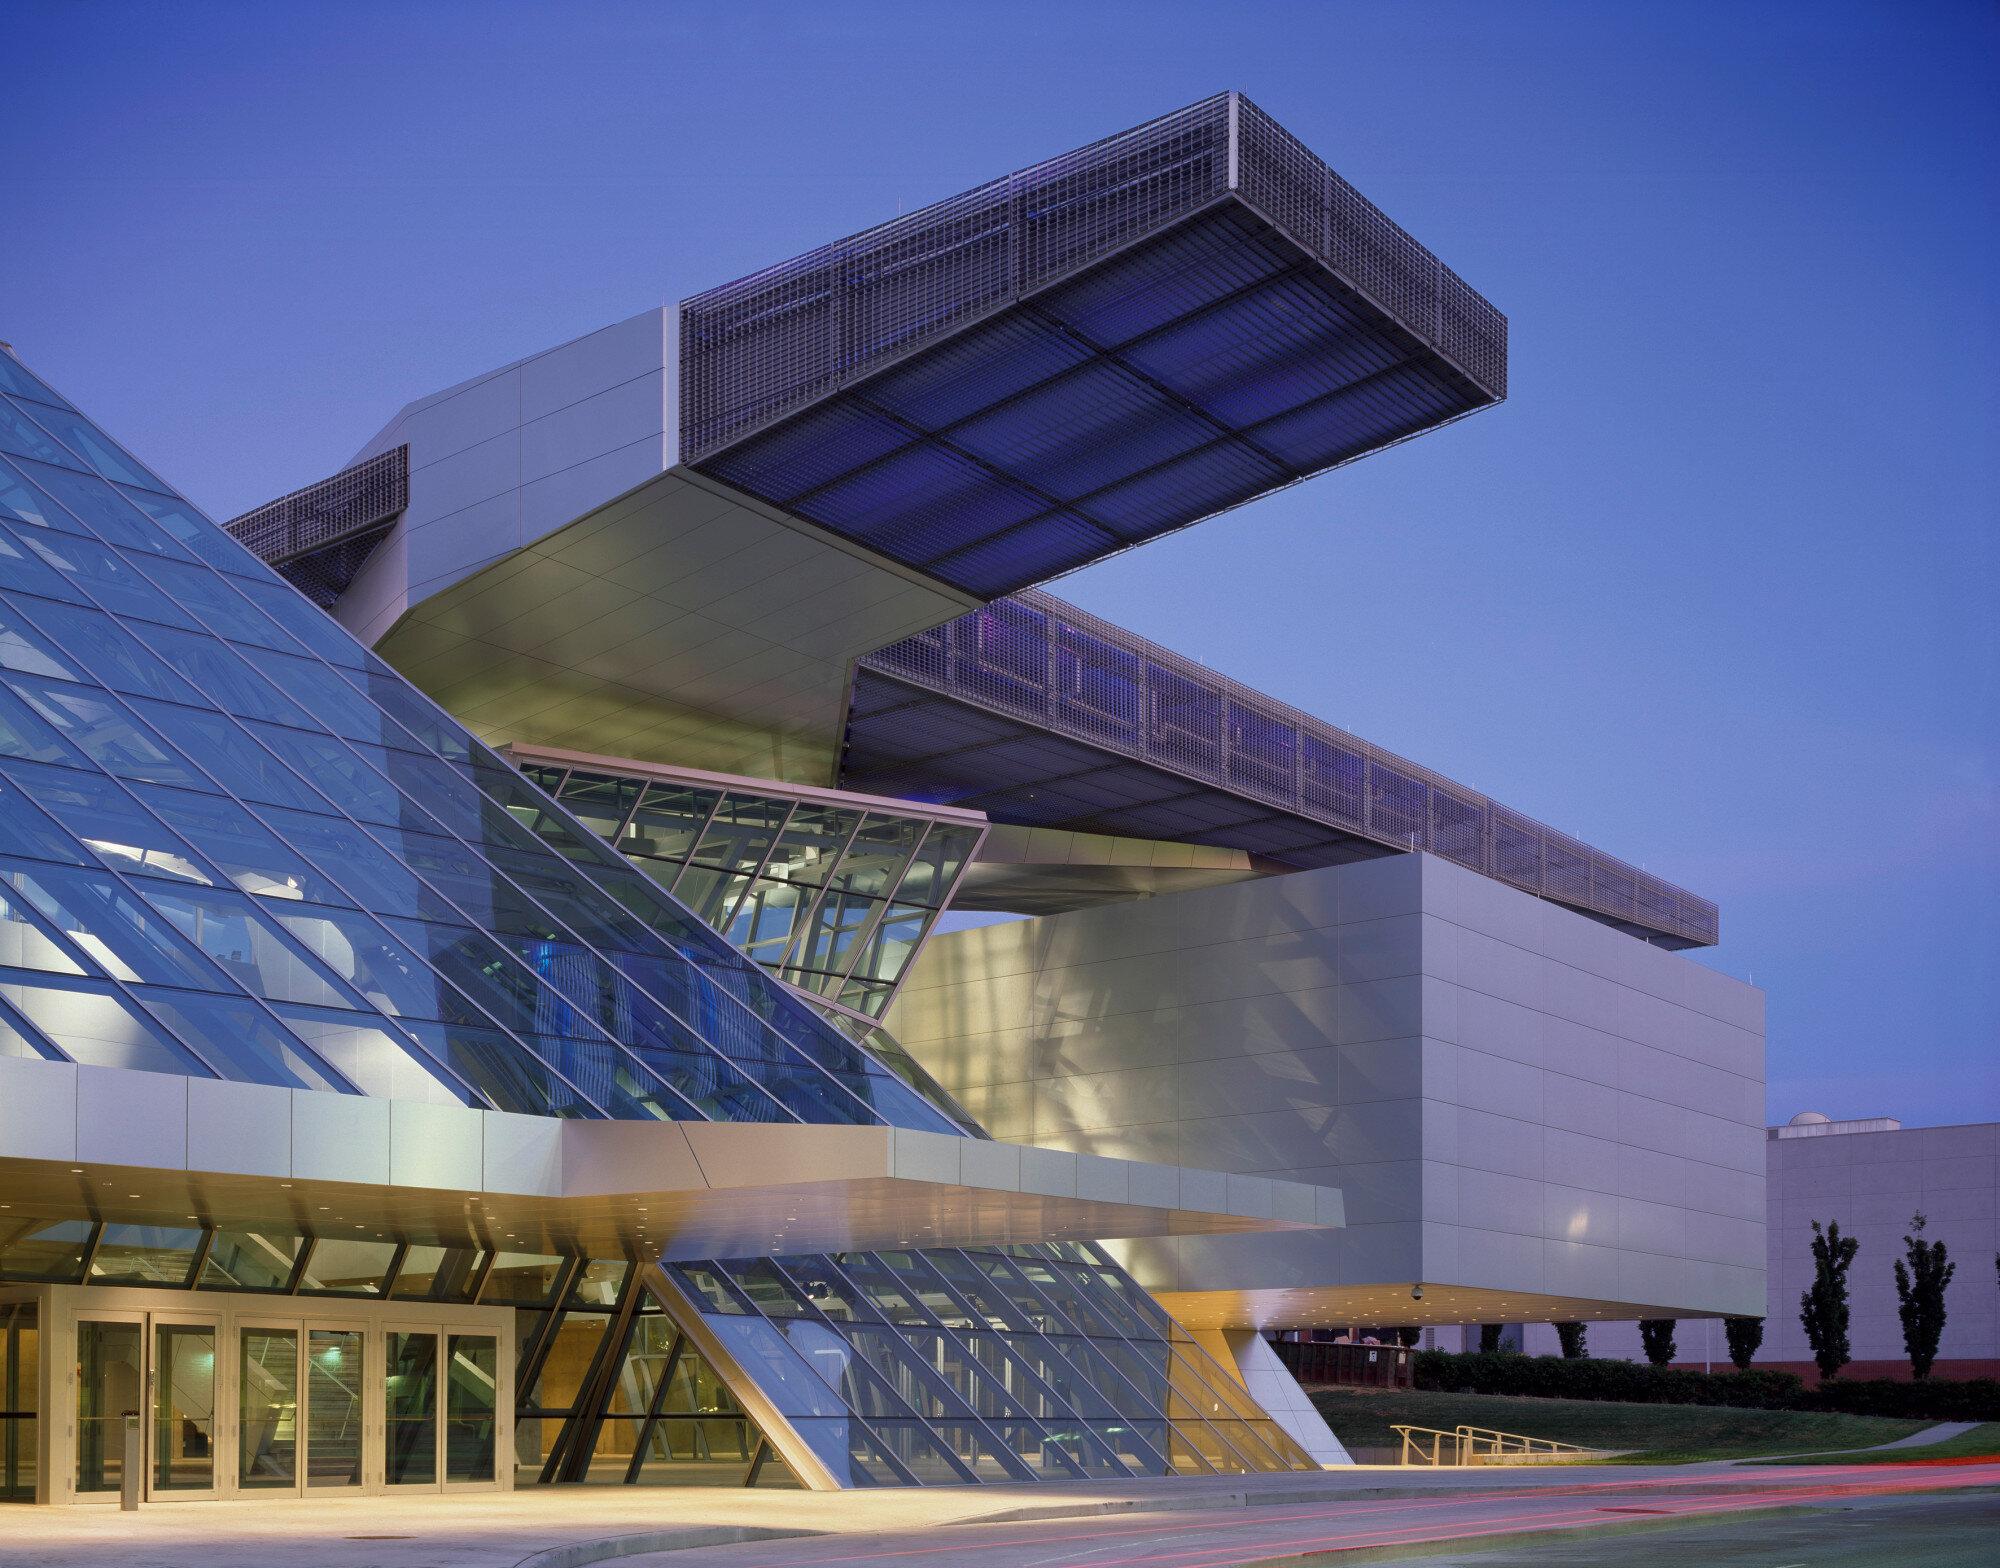 Американський музей використав ситуацію пандемії, щоб звільнити працівників